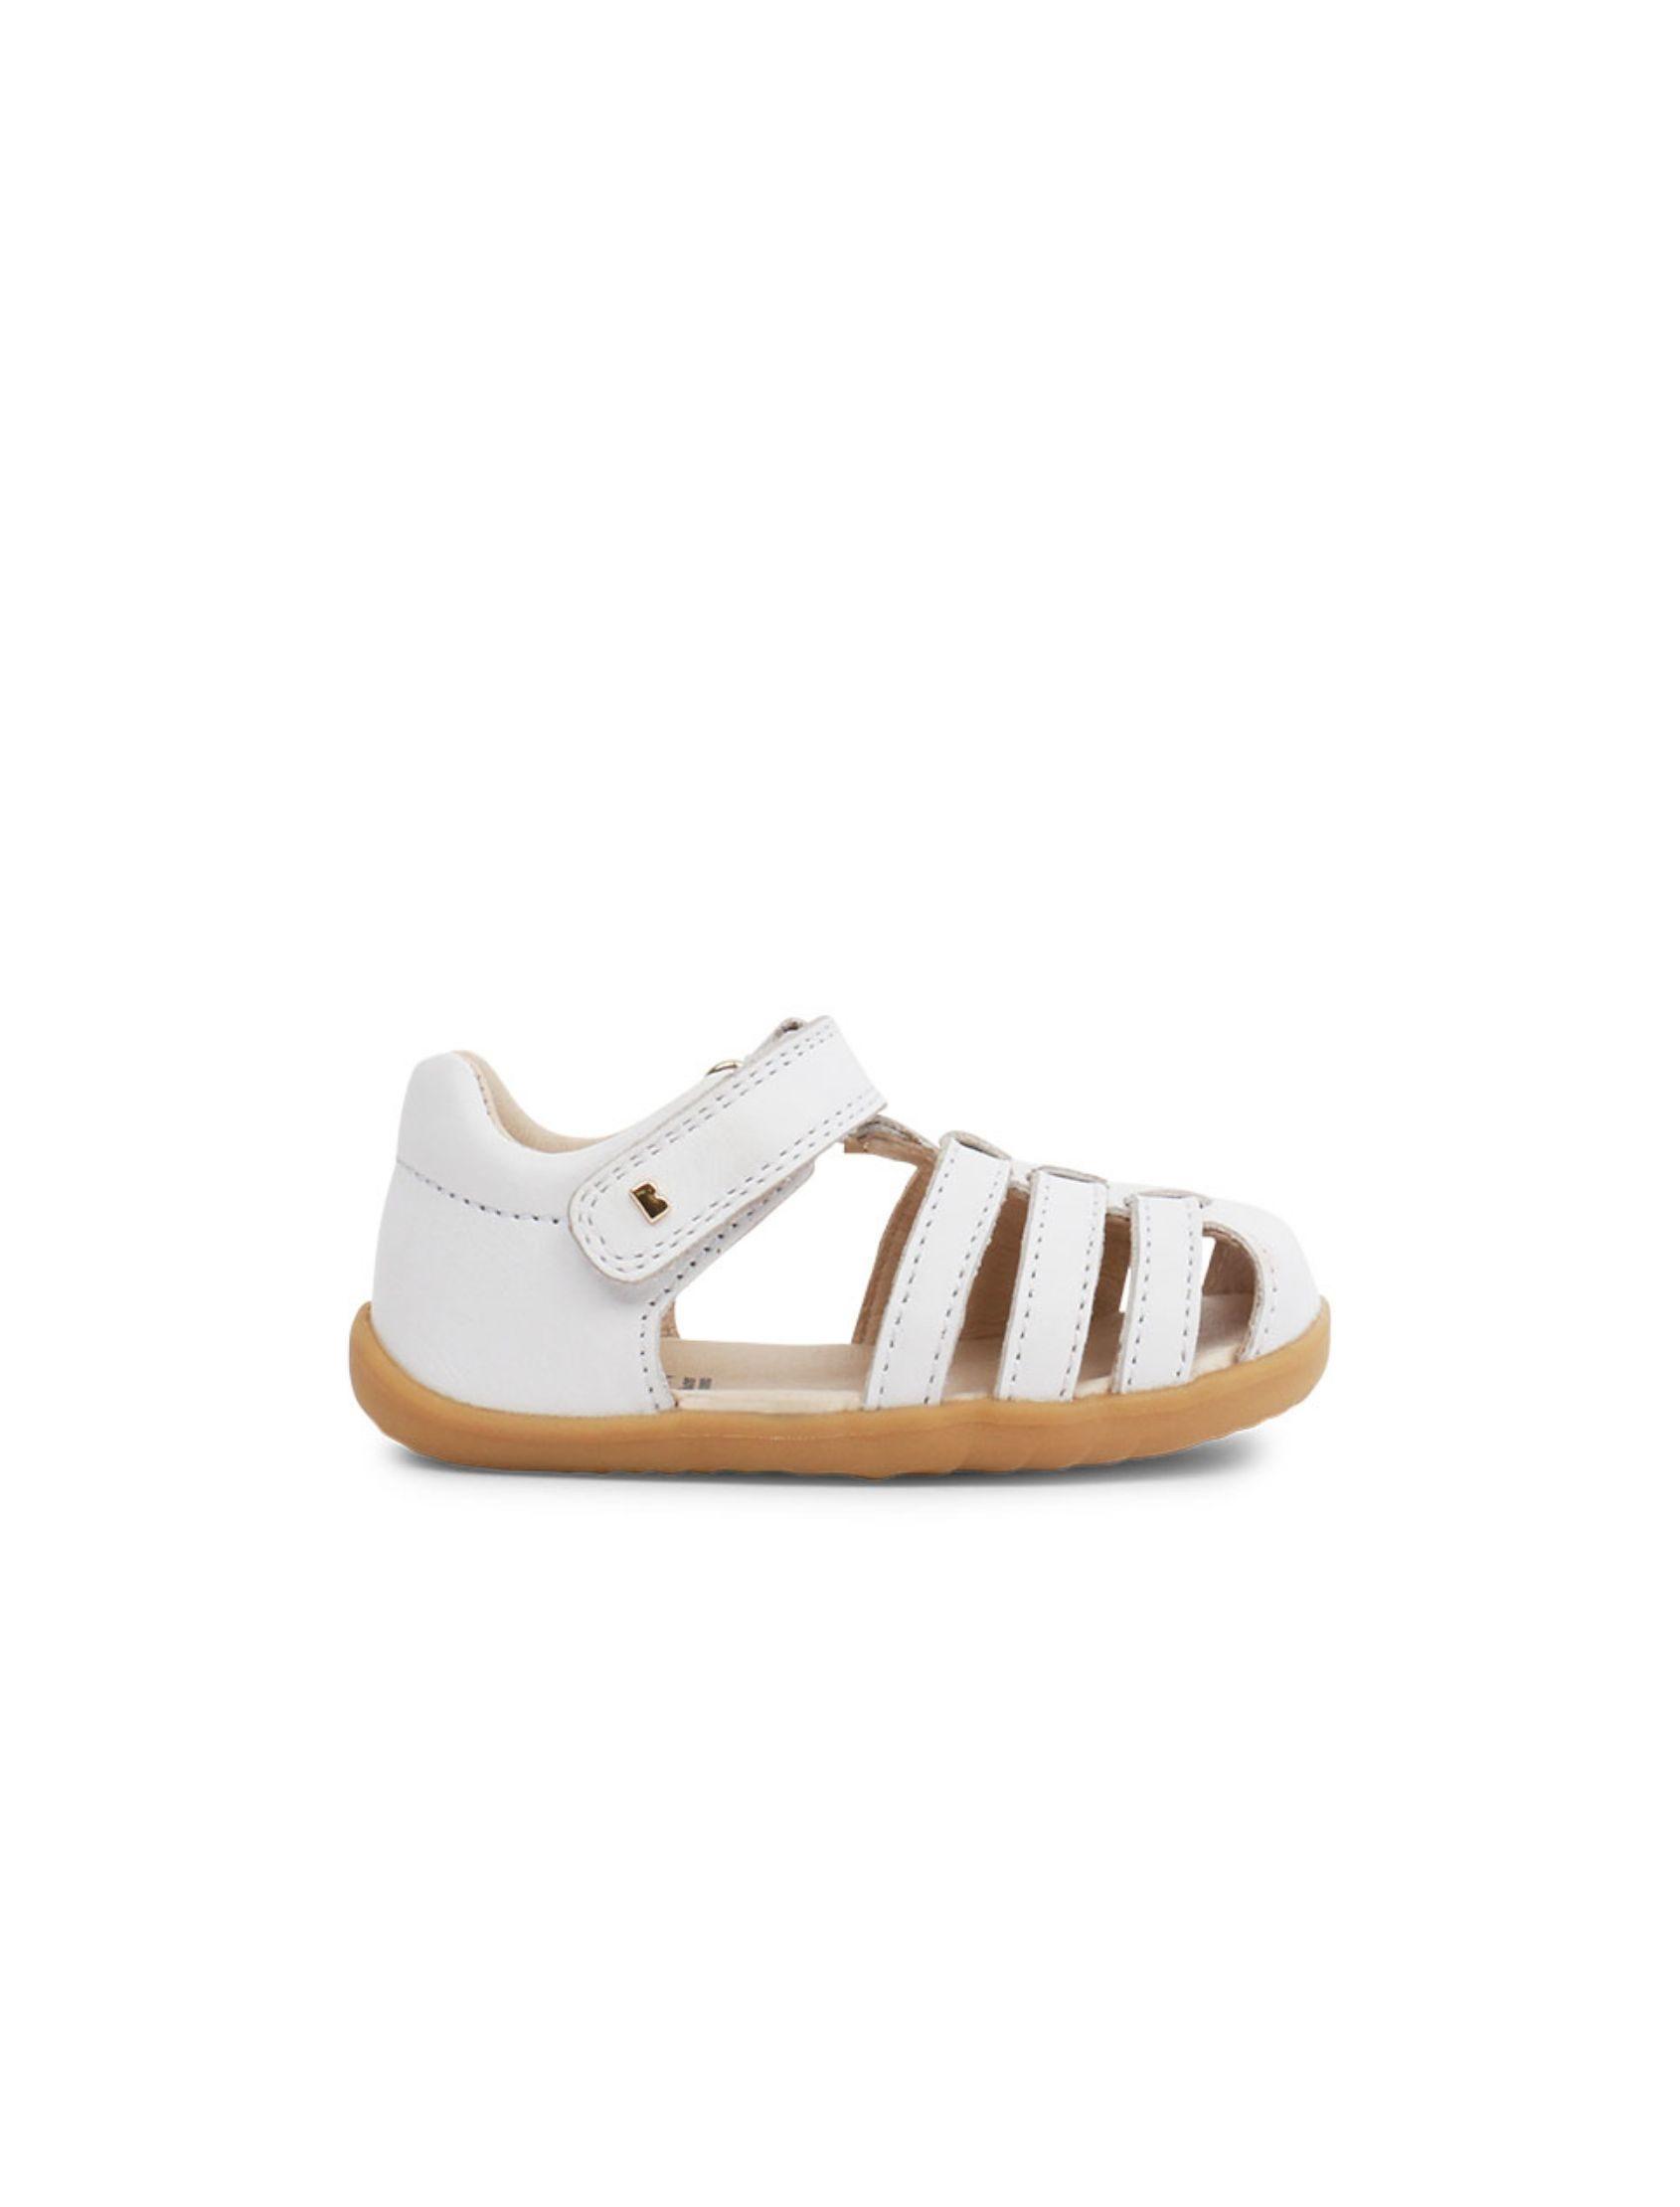 sandalia de niño y niña step up jump estilo cangrejera blanco con suela marrón